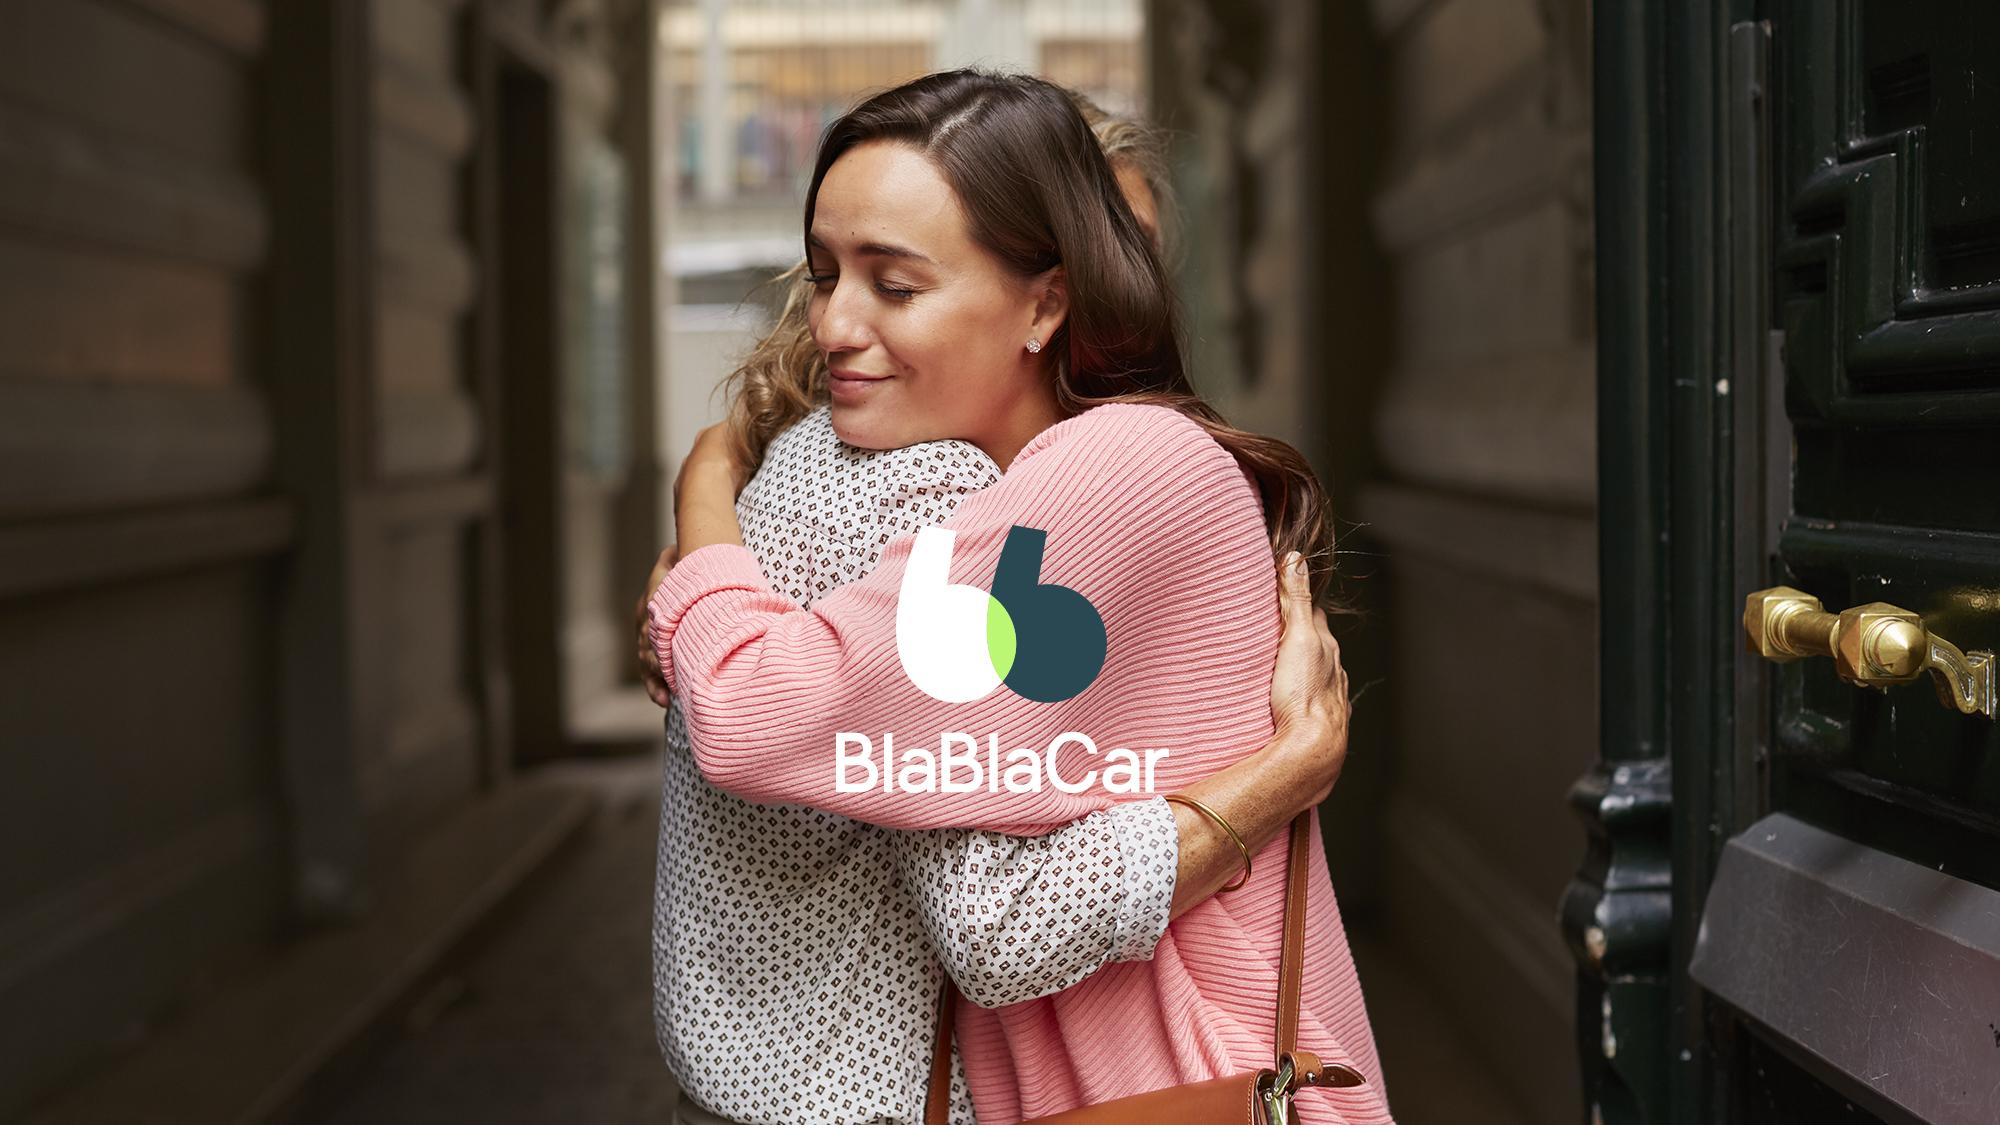 BlaBlaCar si trasforma: ecco il nuovo logo, la nuova identità visiva e il nuovo sistema di ricerca